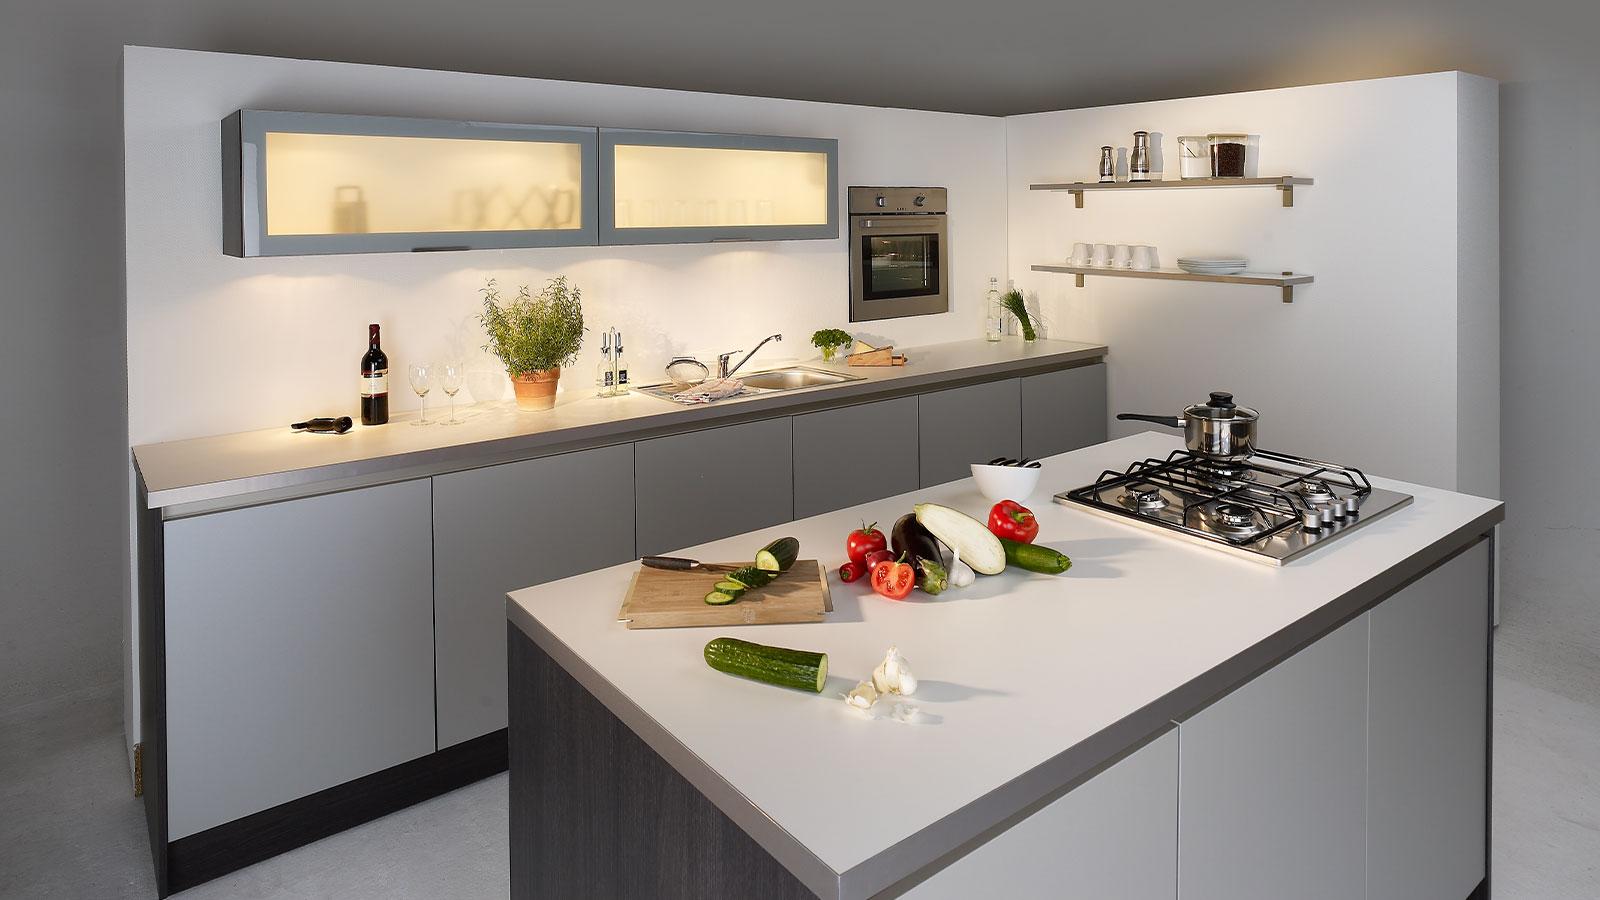 fahrbare Küche im Fotostudio